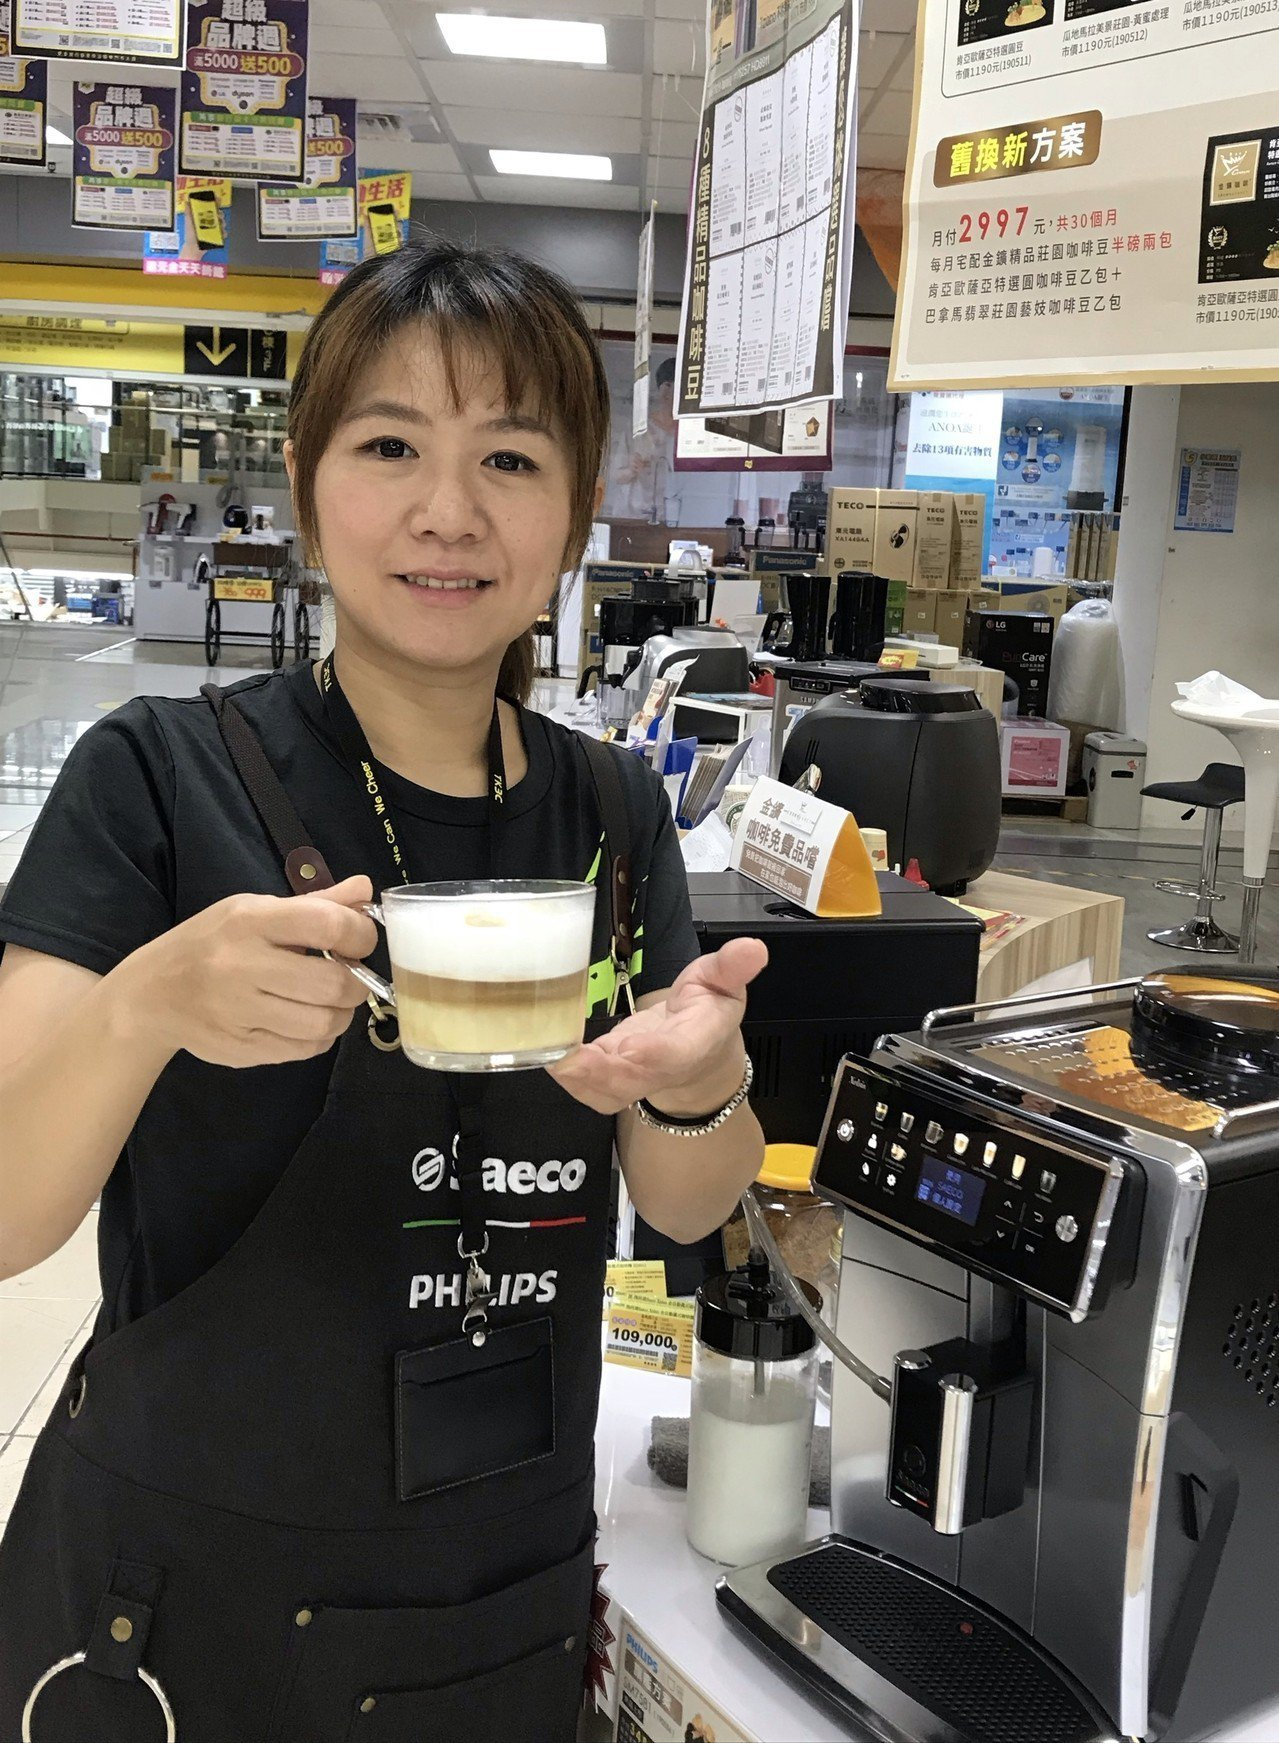 燦坤推活動,出示會員APP至全台燦坤享莊園咖啡1杯免費試飲。圖/燦坤提供